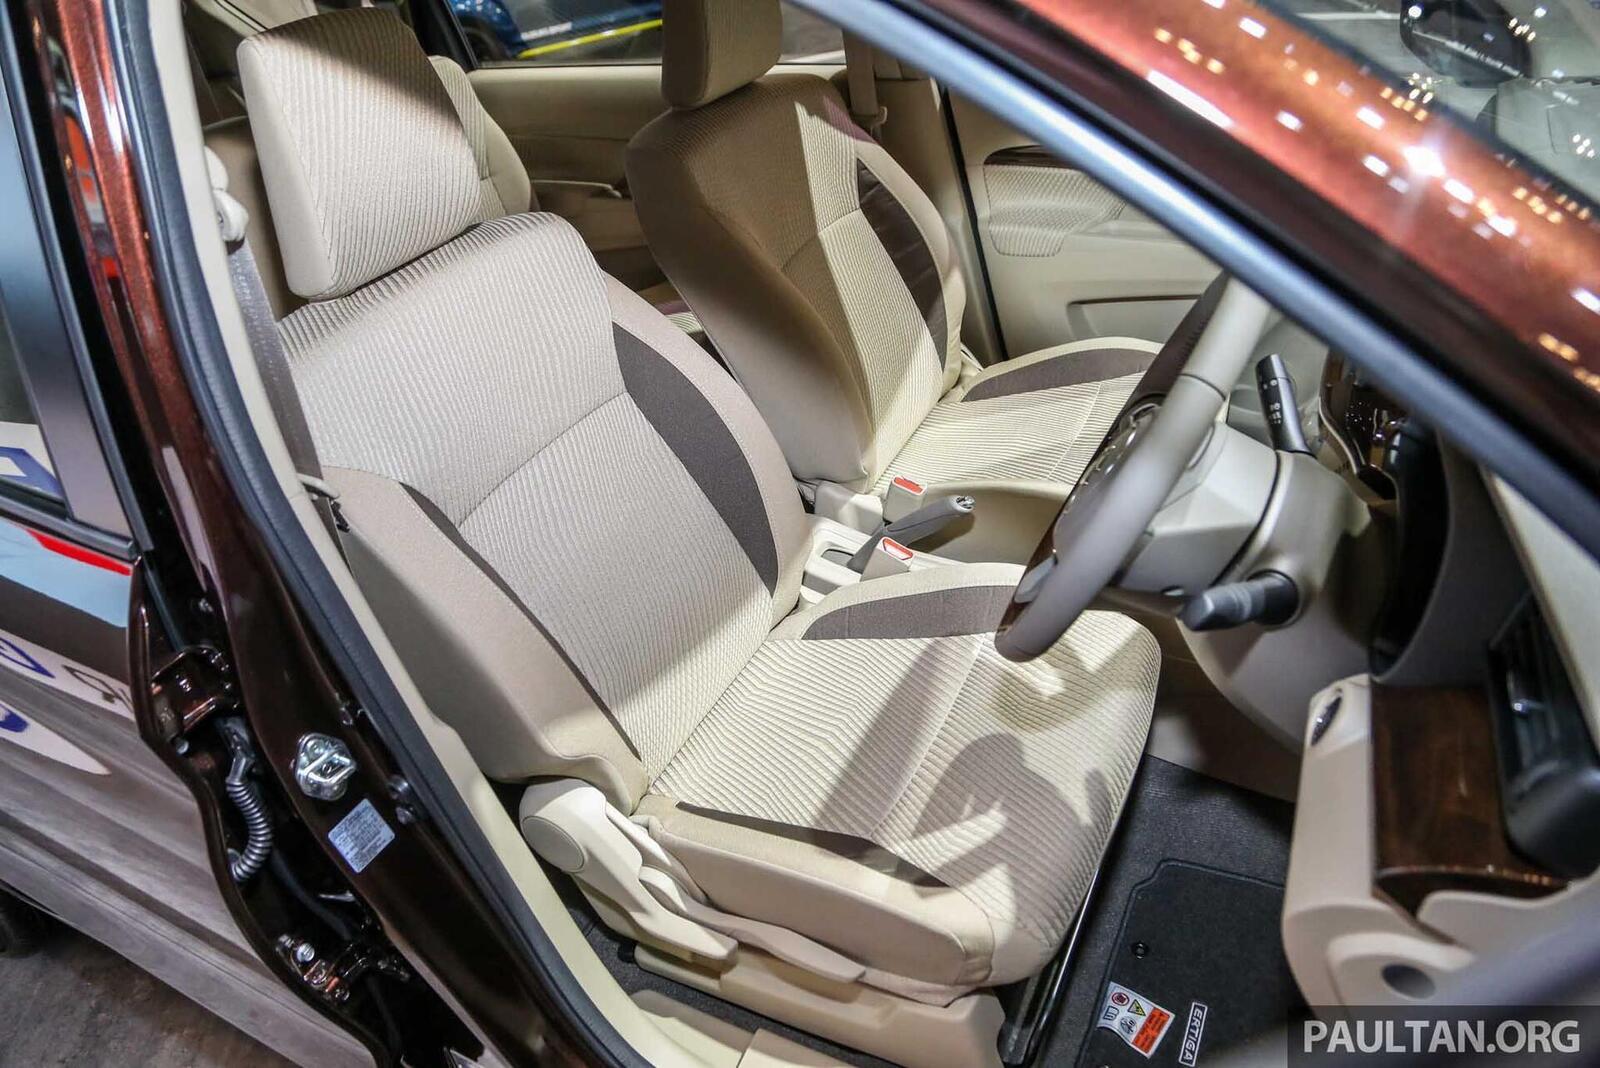 Suzuki Ertiga thế hệ mới có giá từ 486 triệu đồng tại Thái Lan; chưa hẹn ngày về Việt Nam - Hình 8